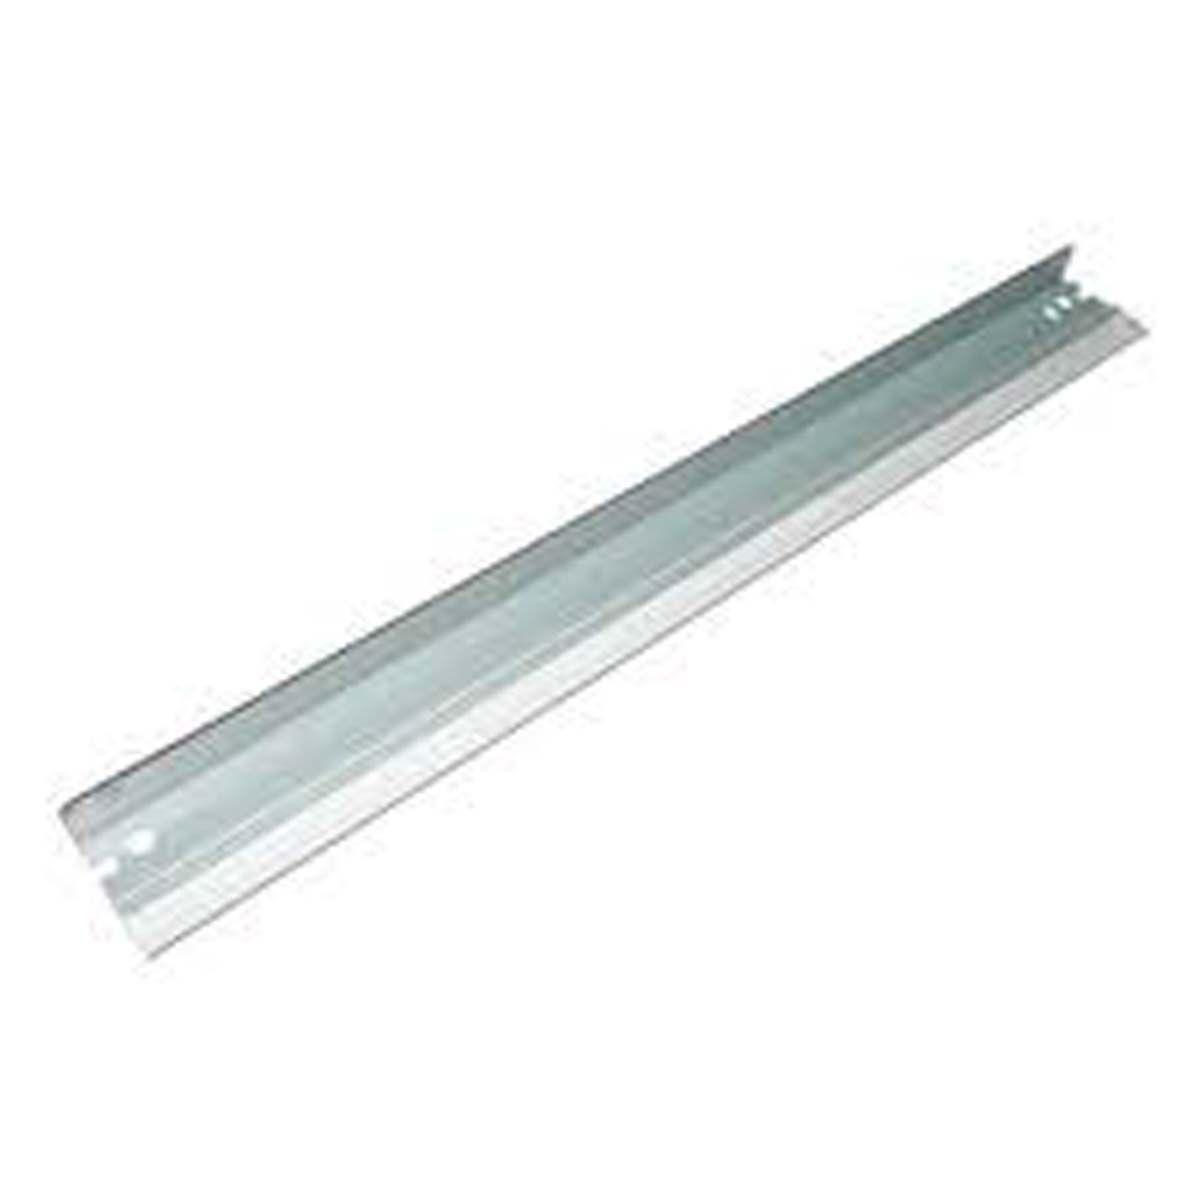 Lamina Limpeza Wiper Blade HP CF280 CF280A CF280X - M401 M425DN - Importado